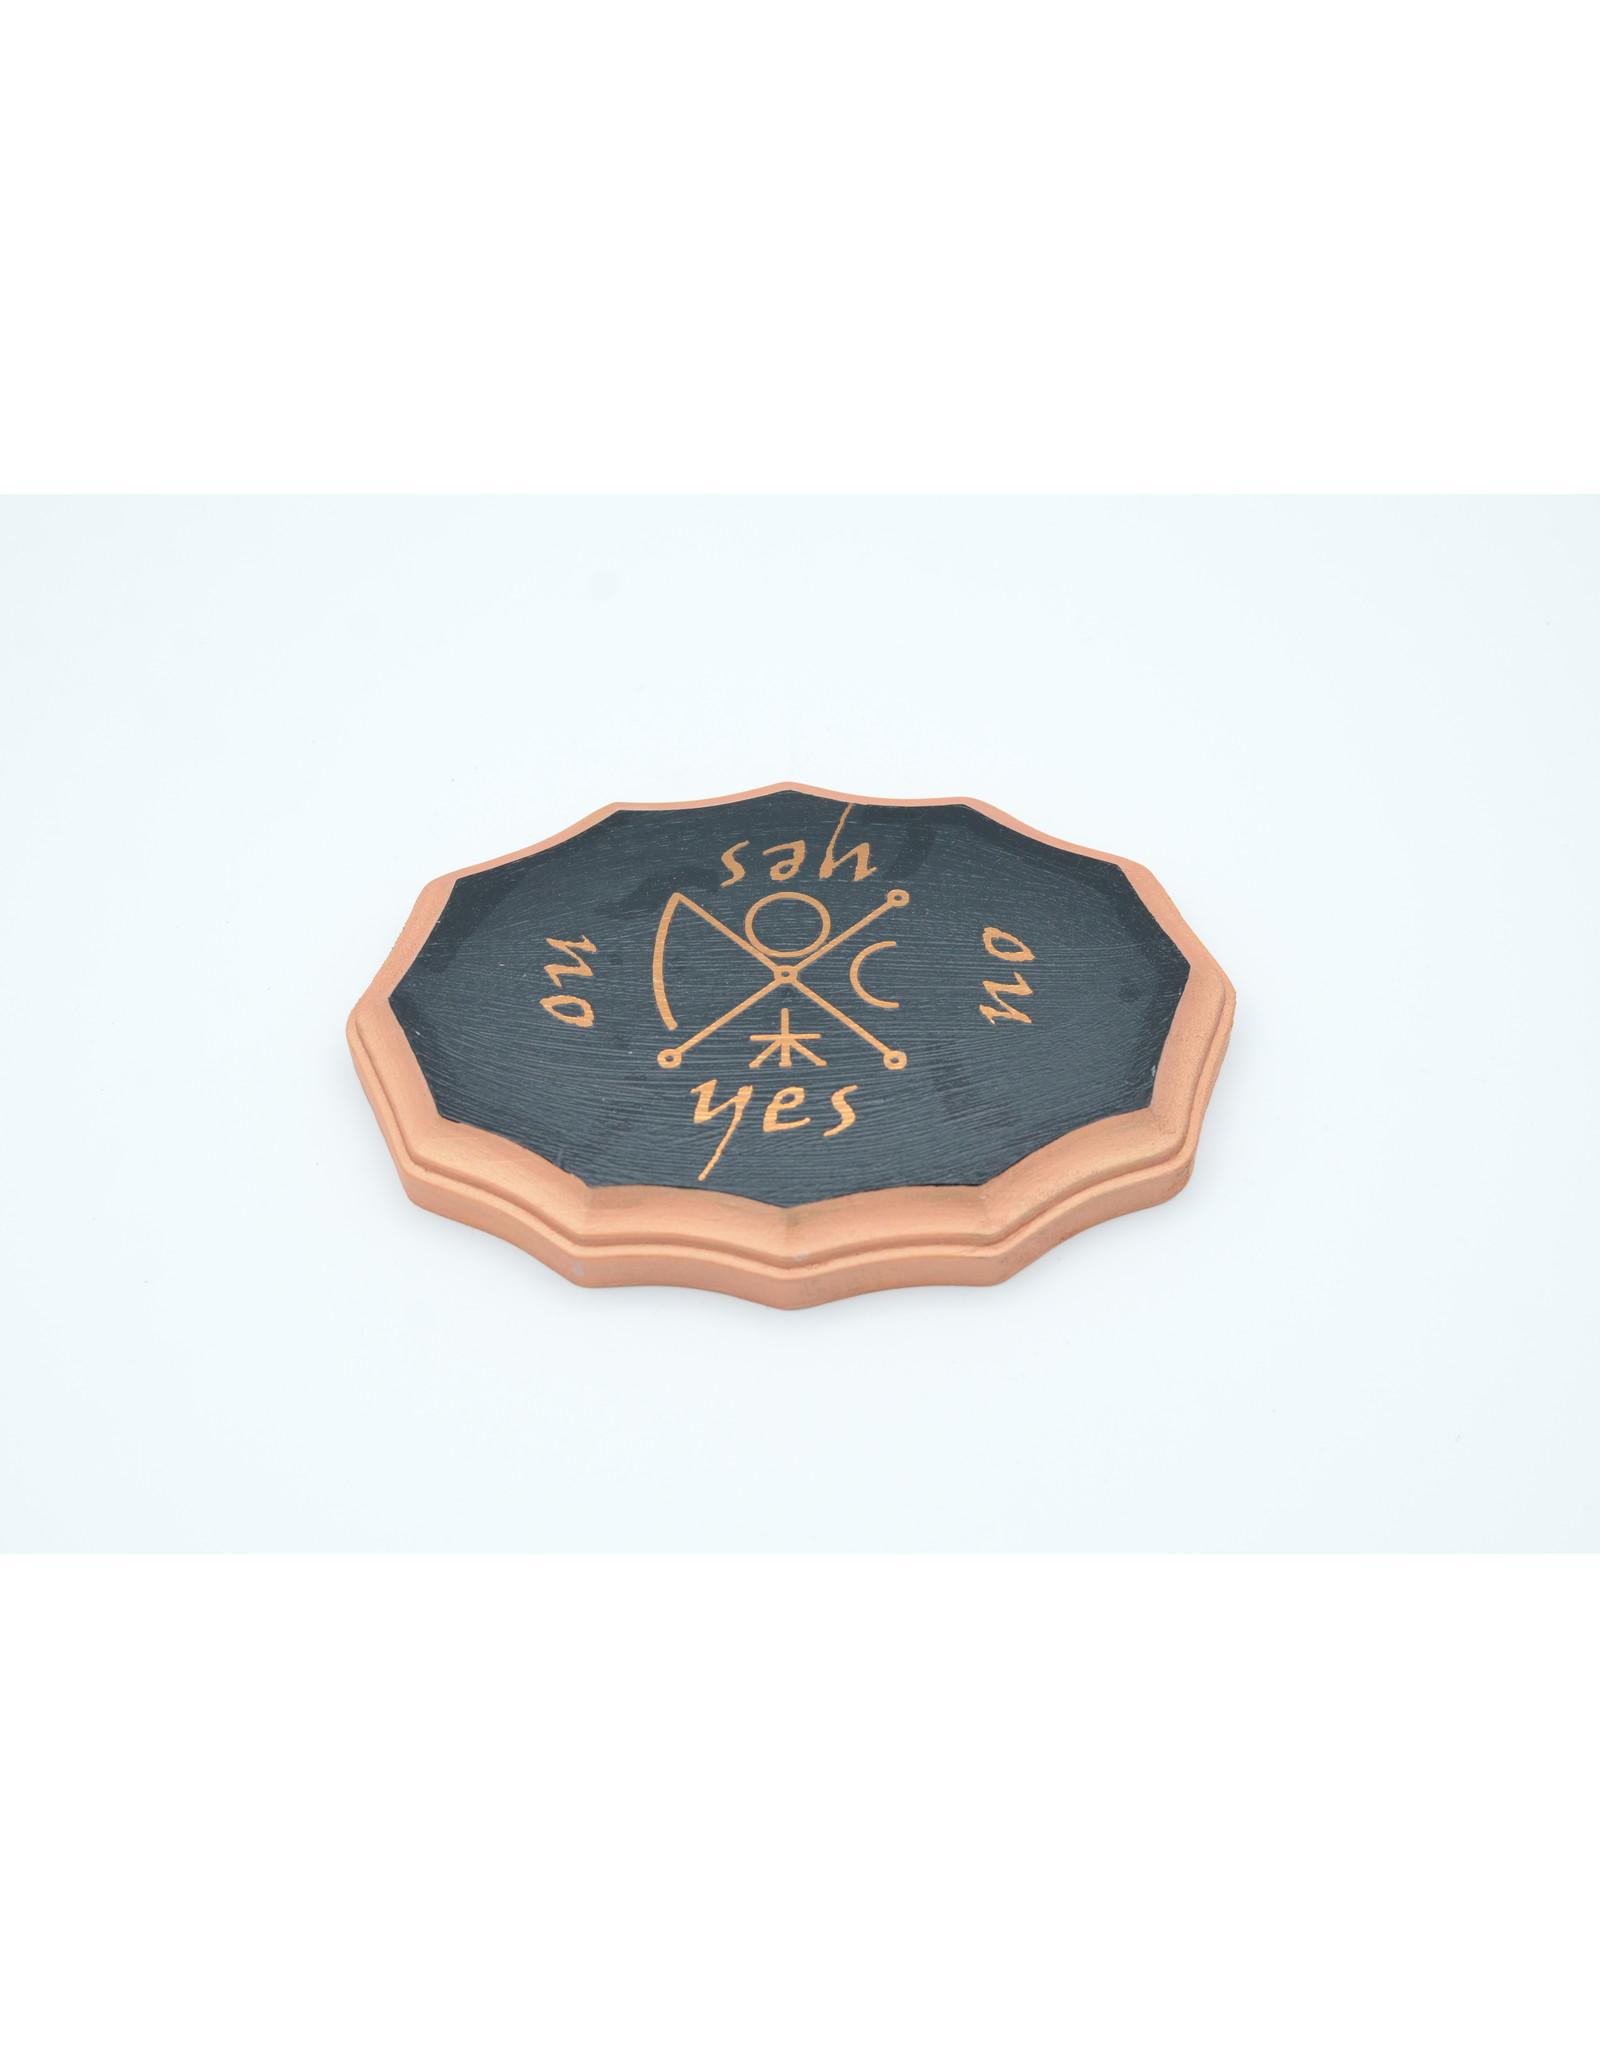 Venus Kamea Pendulum Board in Black and Copper